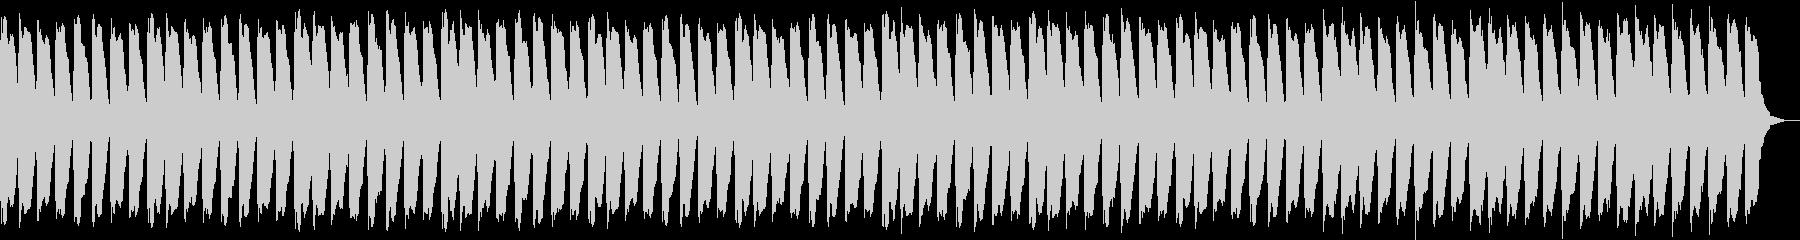 軽快な心に響く安らぎ音楽の未再生の波形